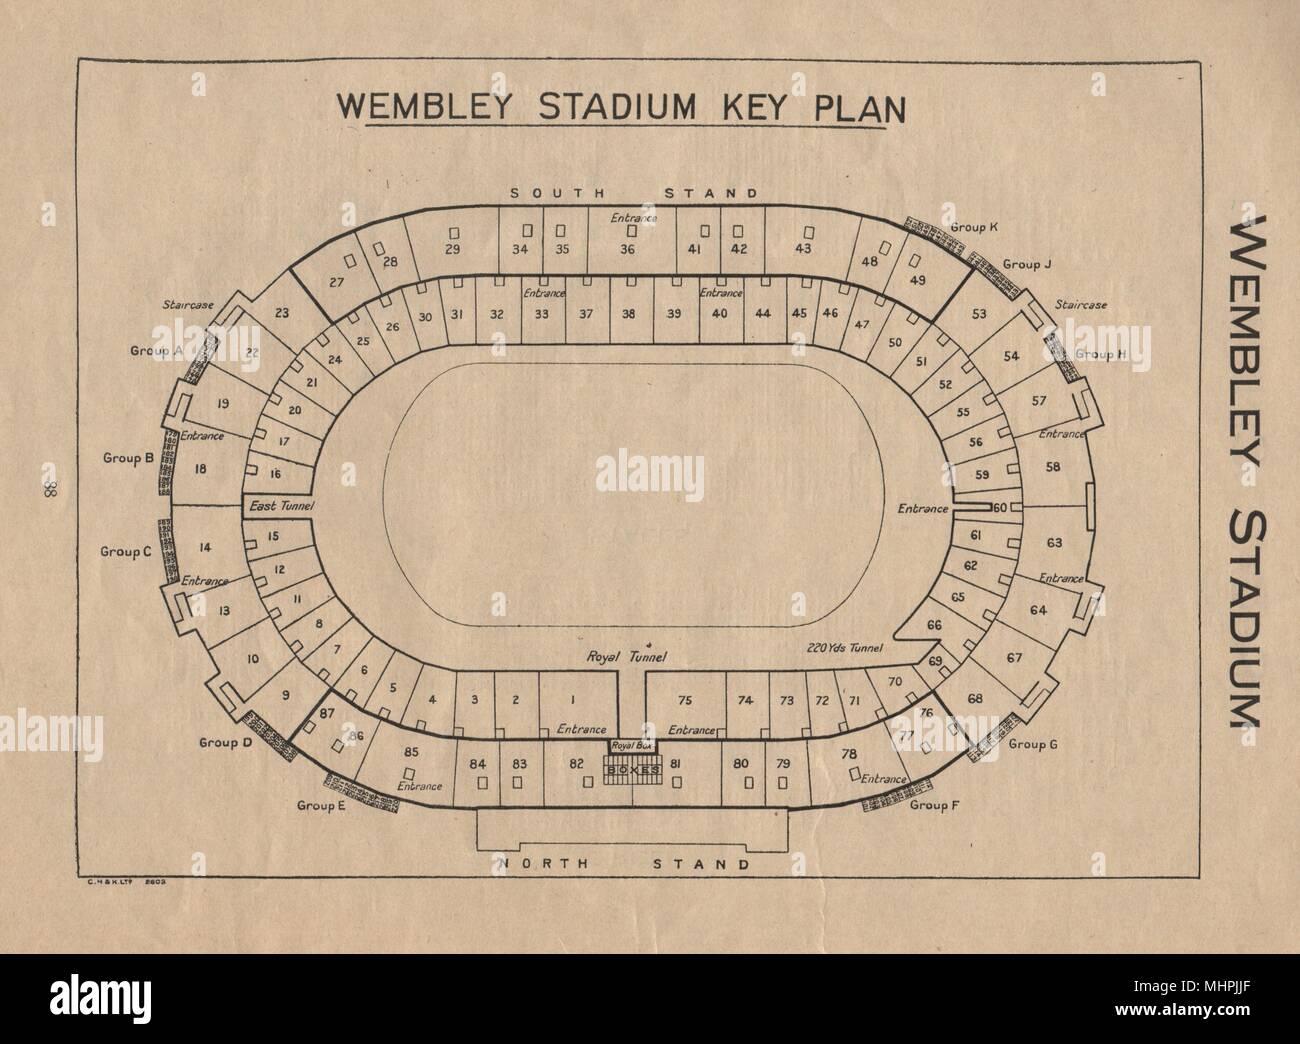 Old Wembley Stadium Stock Photos Amp Old Wembley Stadium